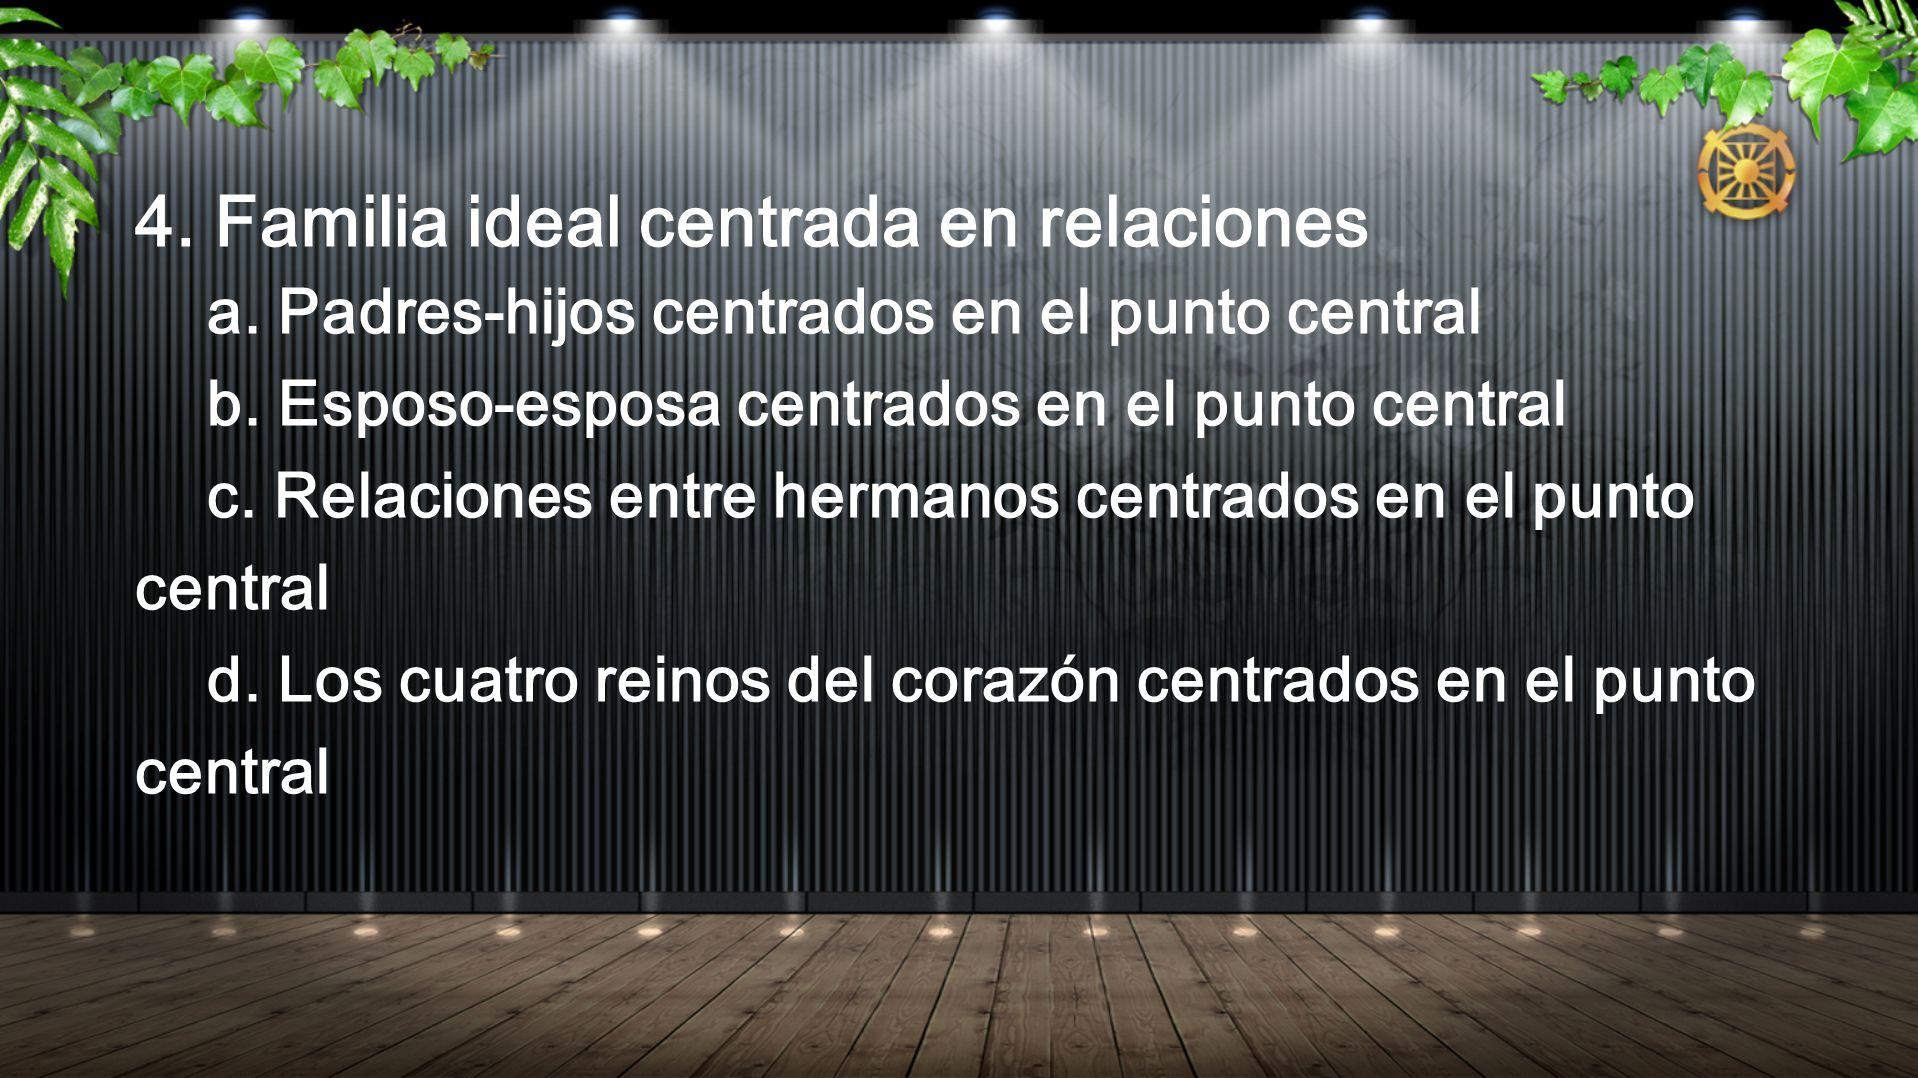 4. Familia ideal centrada en relaciones a. Padres-hijos centrados en el punto central b. Esposo-esposa centrados en el punto central c. Relaciones ent